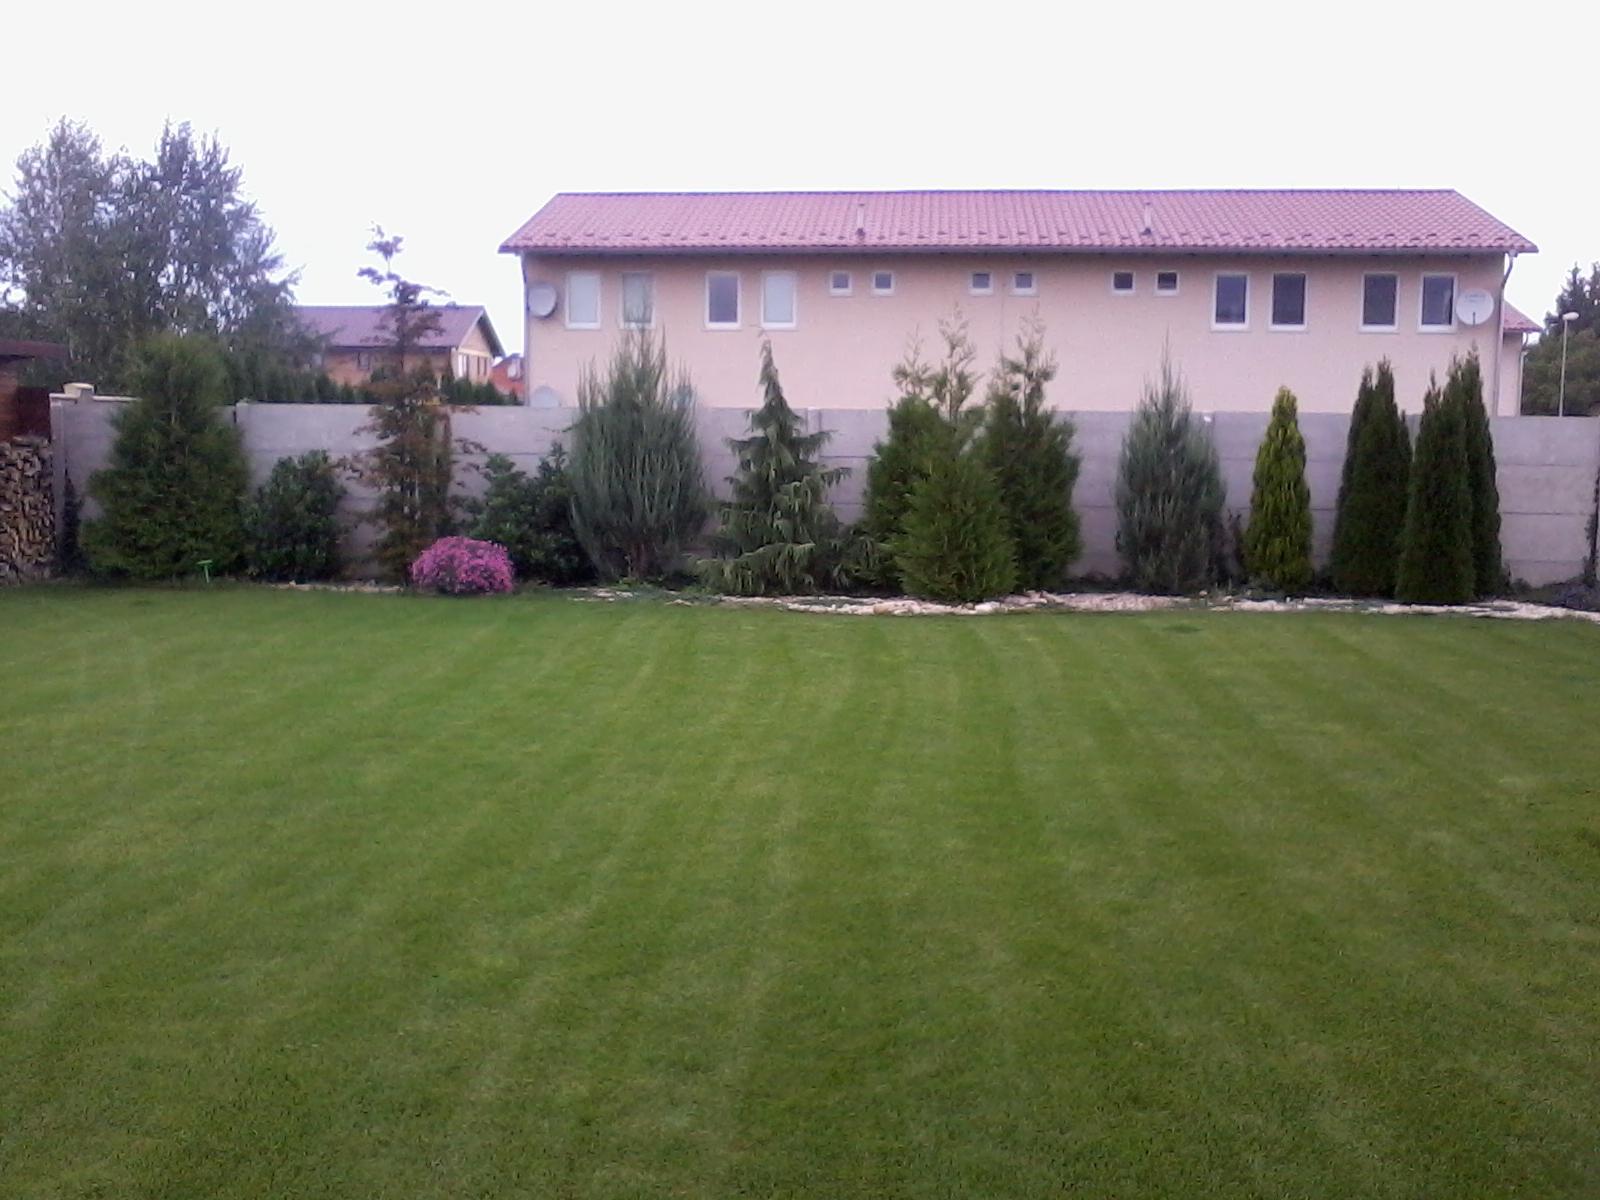 Realizacie zahrad - BA a okolie - Obrázok č. 24